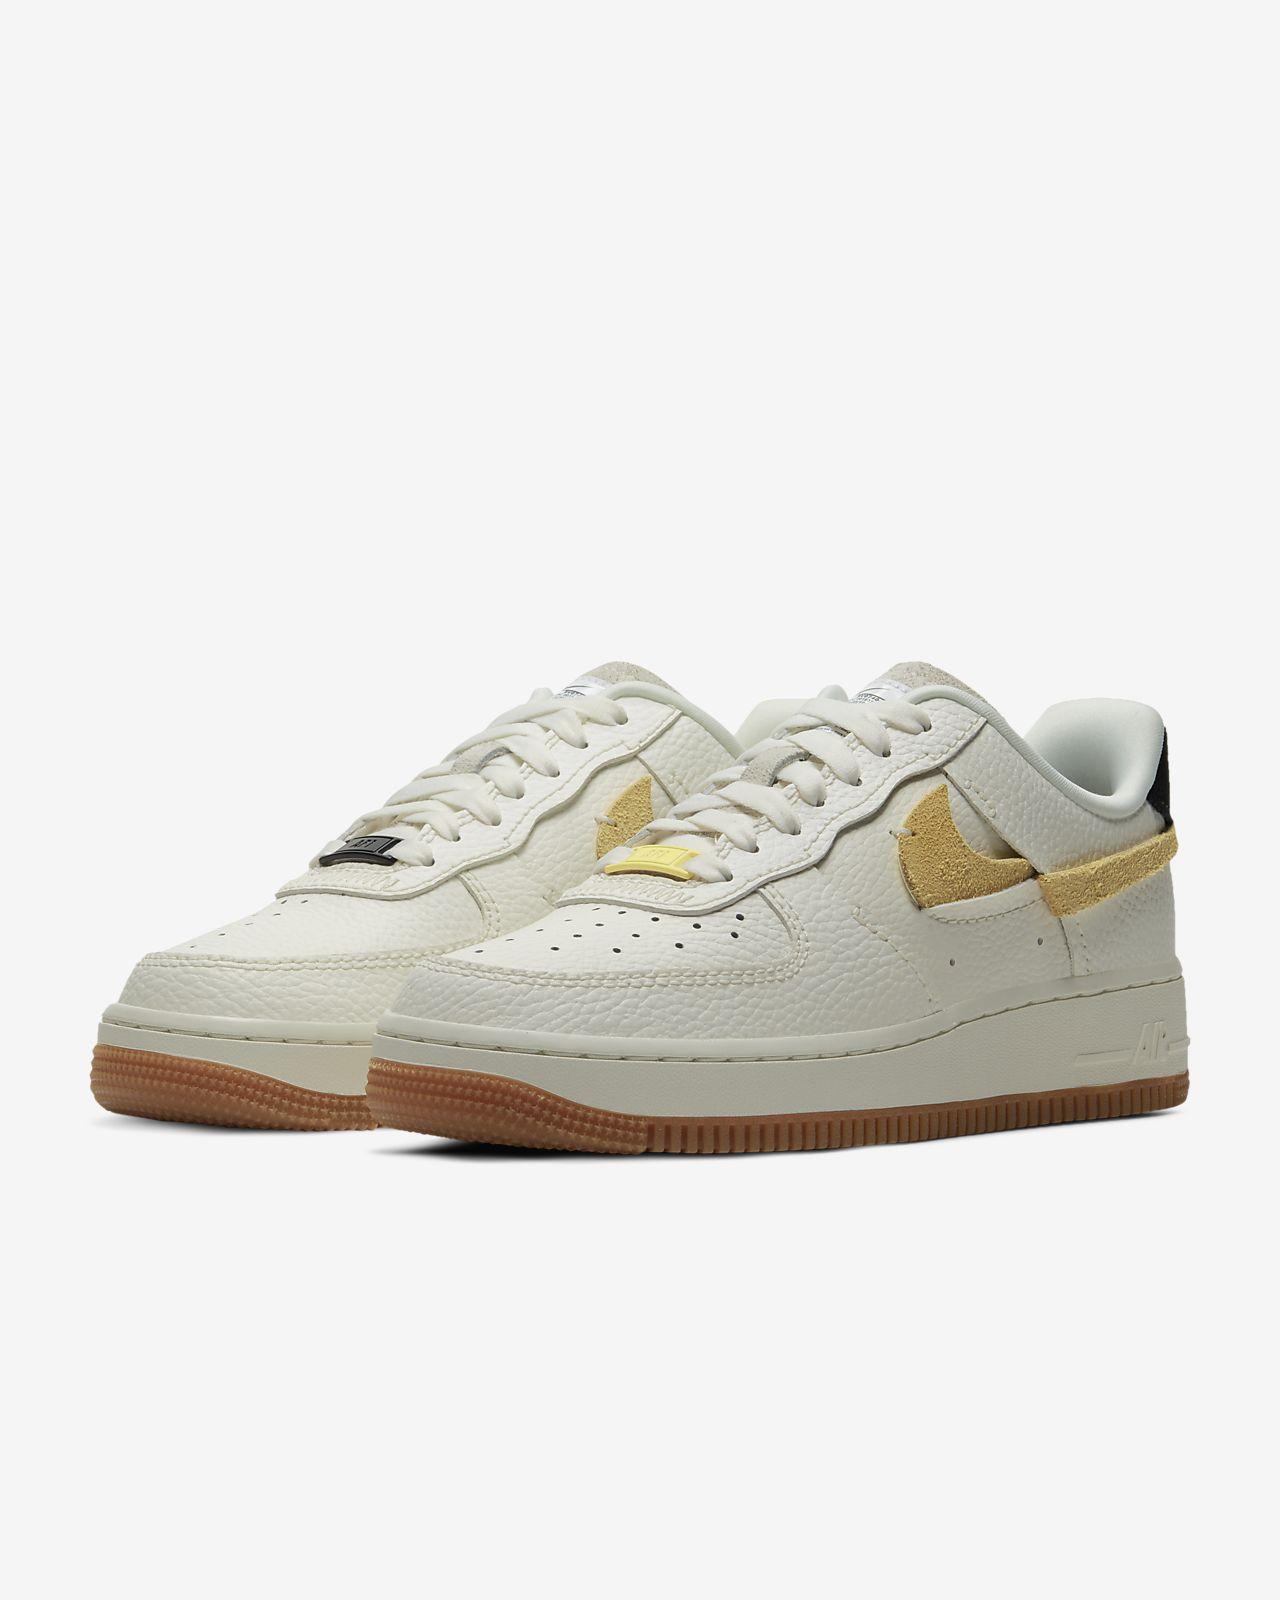 Nowa kolekcja szczegóły dla sklep internetowy Buty damskie Nike Air Force 1 '07 LXX